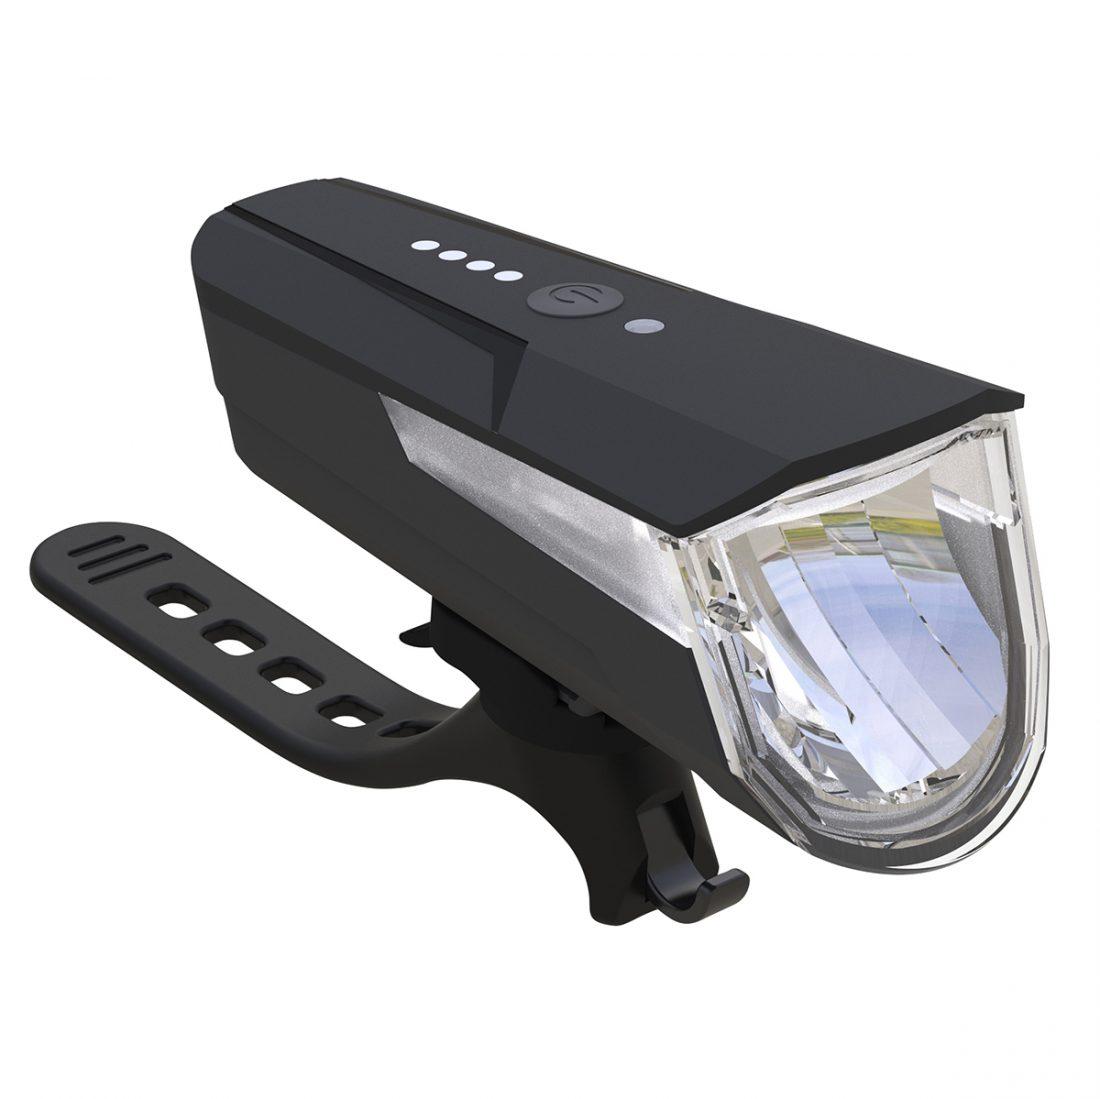 Büchel Micro Lens LED Rückleuchte mit Bremsanzeigefunktion,Akku,StVZO zugelassen